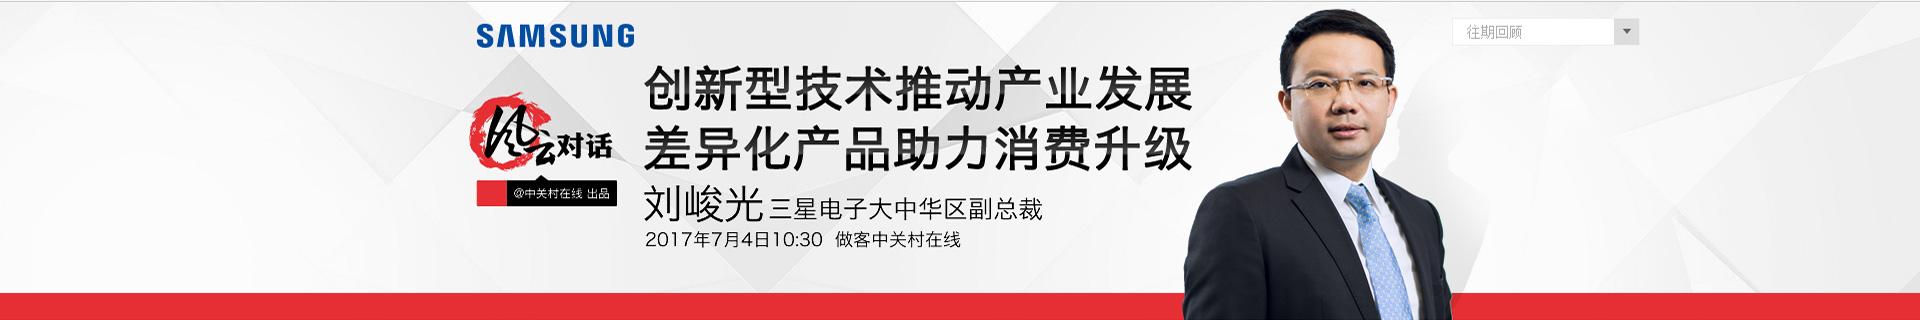 2017电视风云录 专访三星副总裁刘峻光